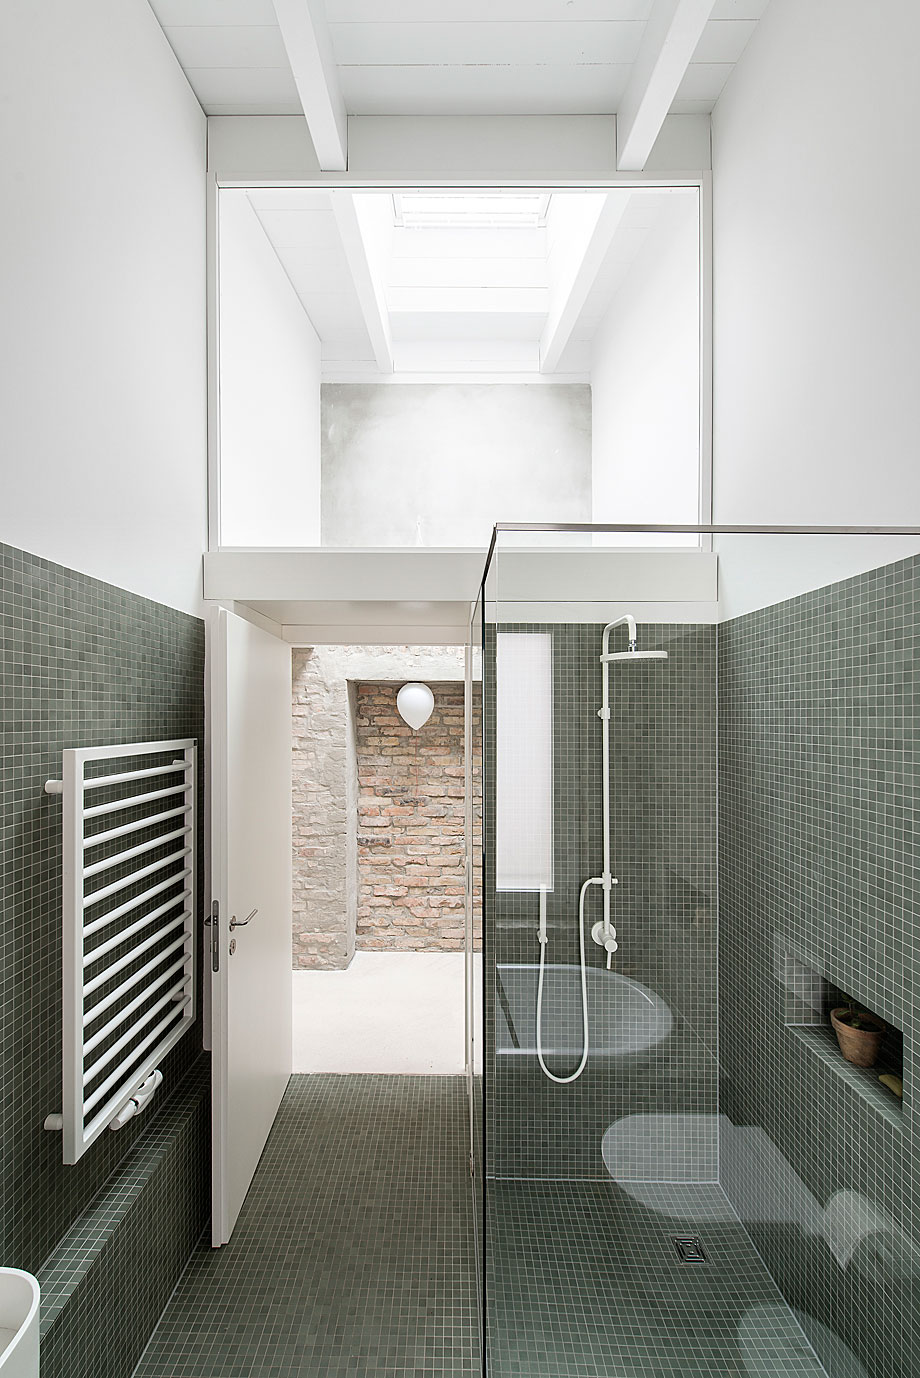 casa-mmb-asdfg-architekten-fotos-michal-pfisterer-7